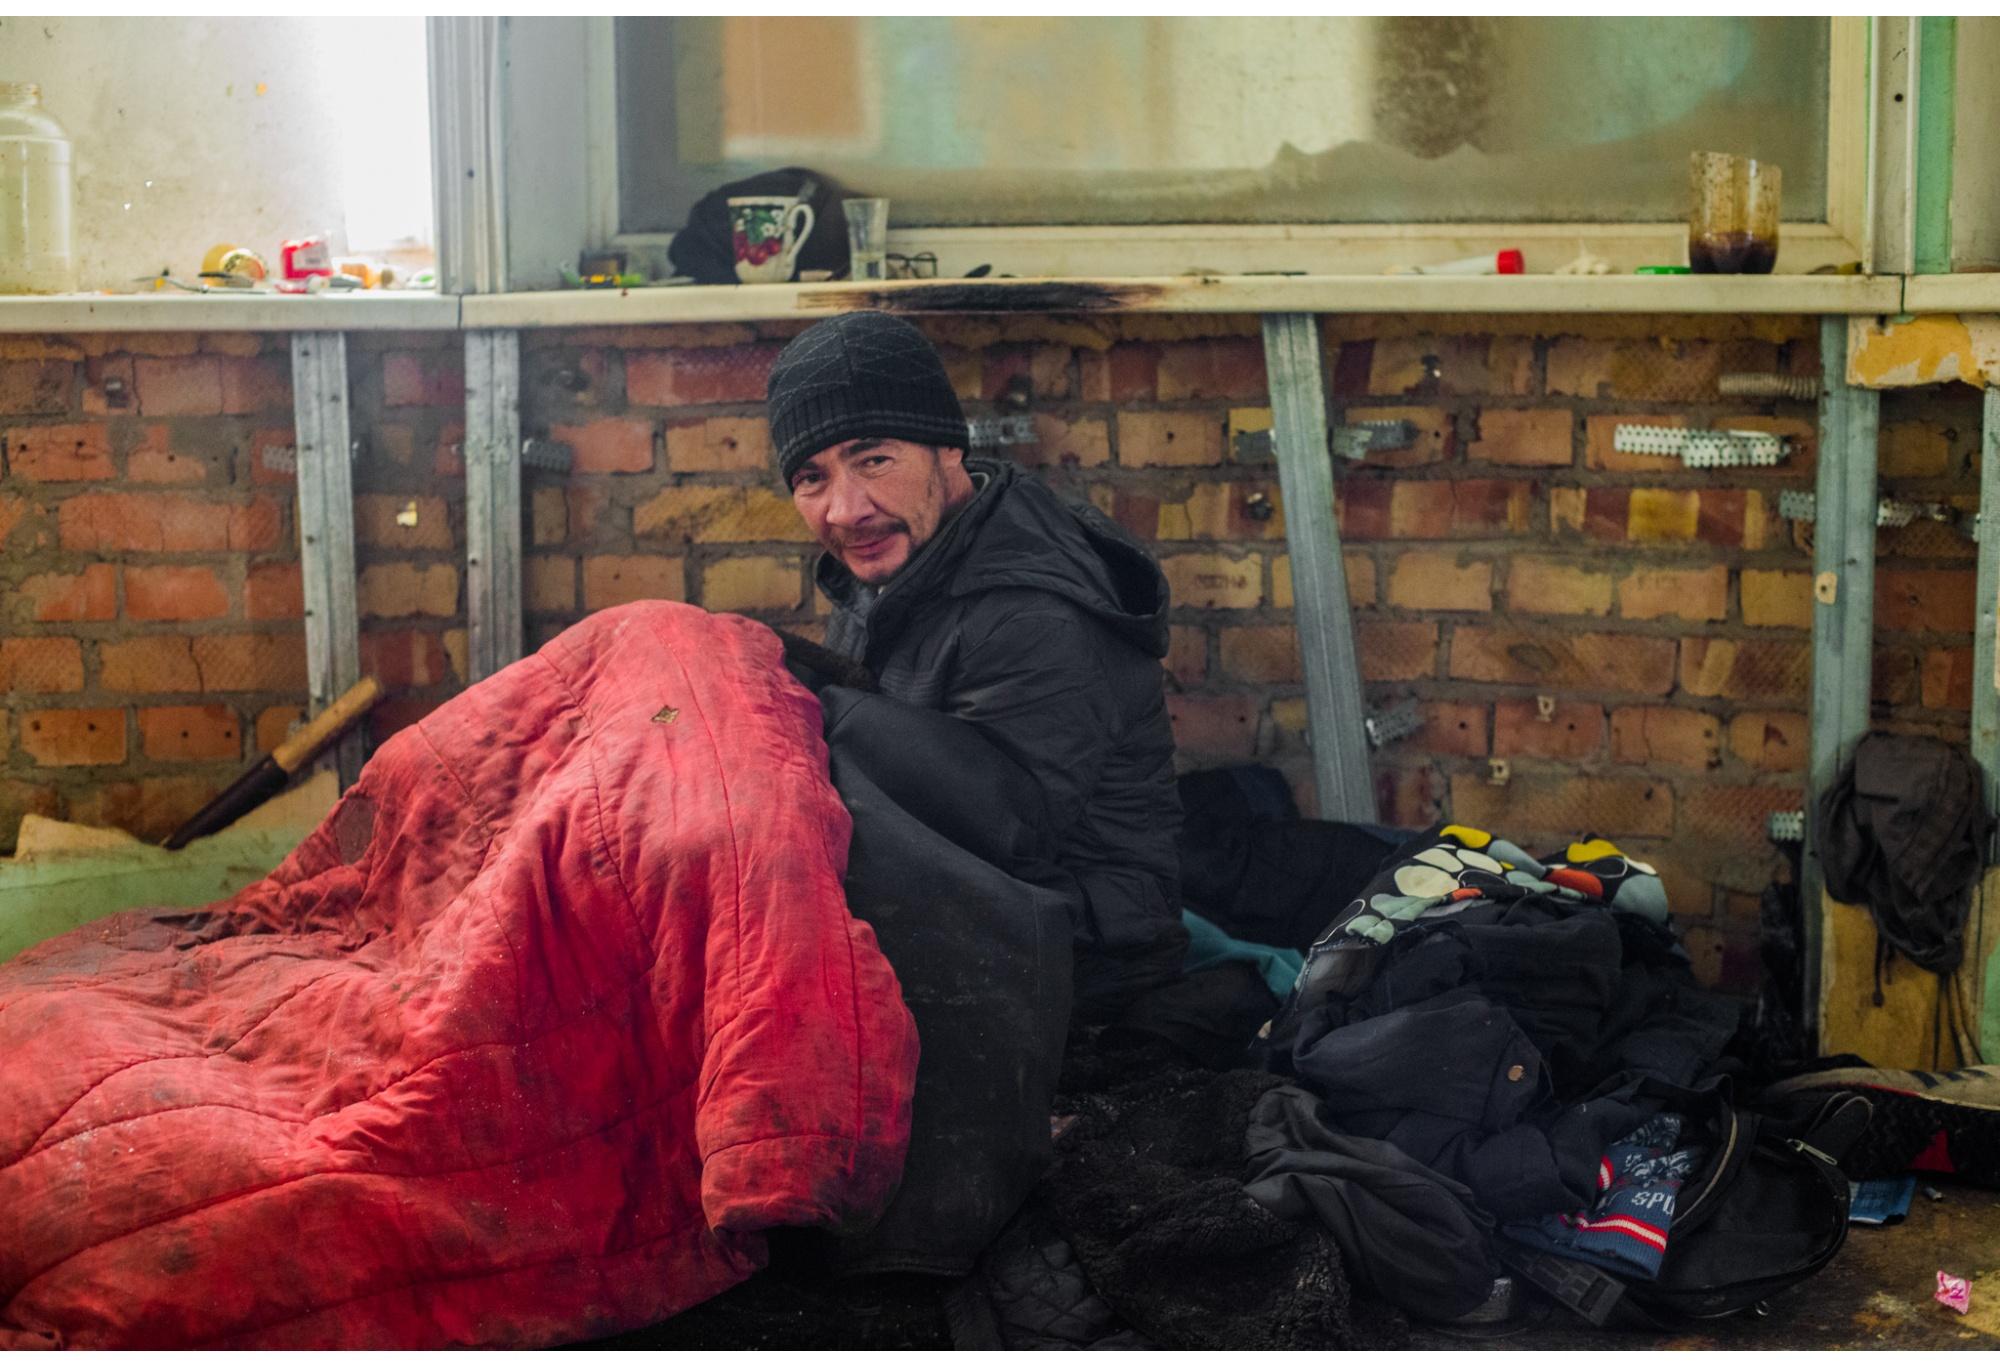 Виктор стал инвалидом, отморозив ноги зимой